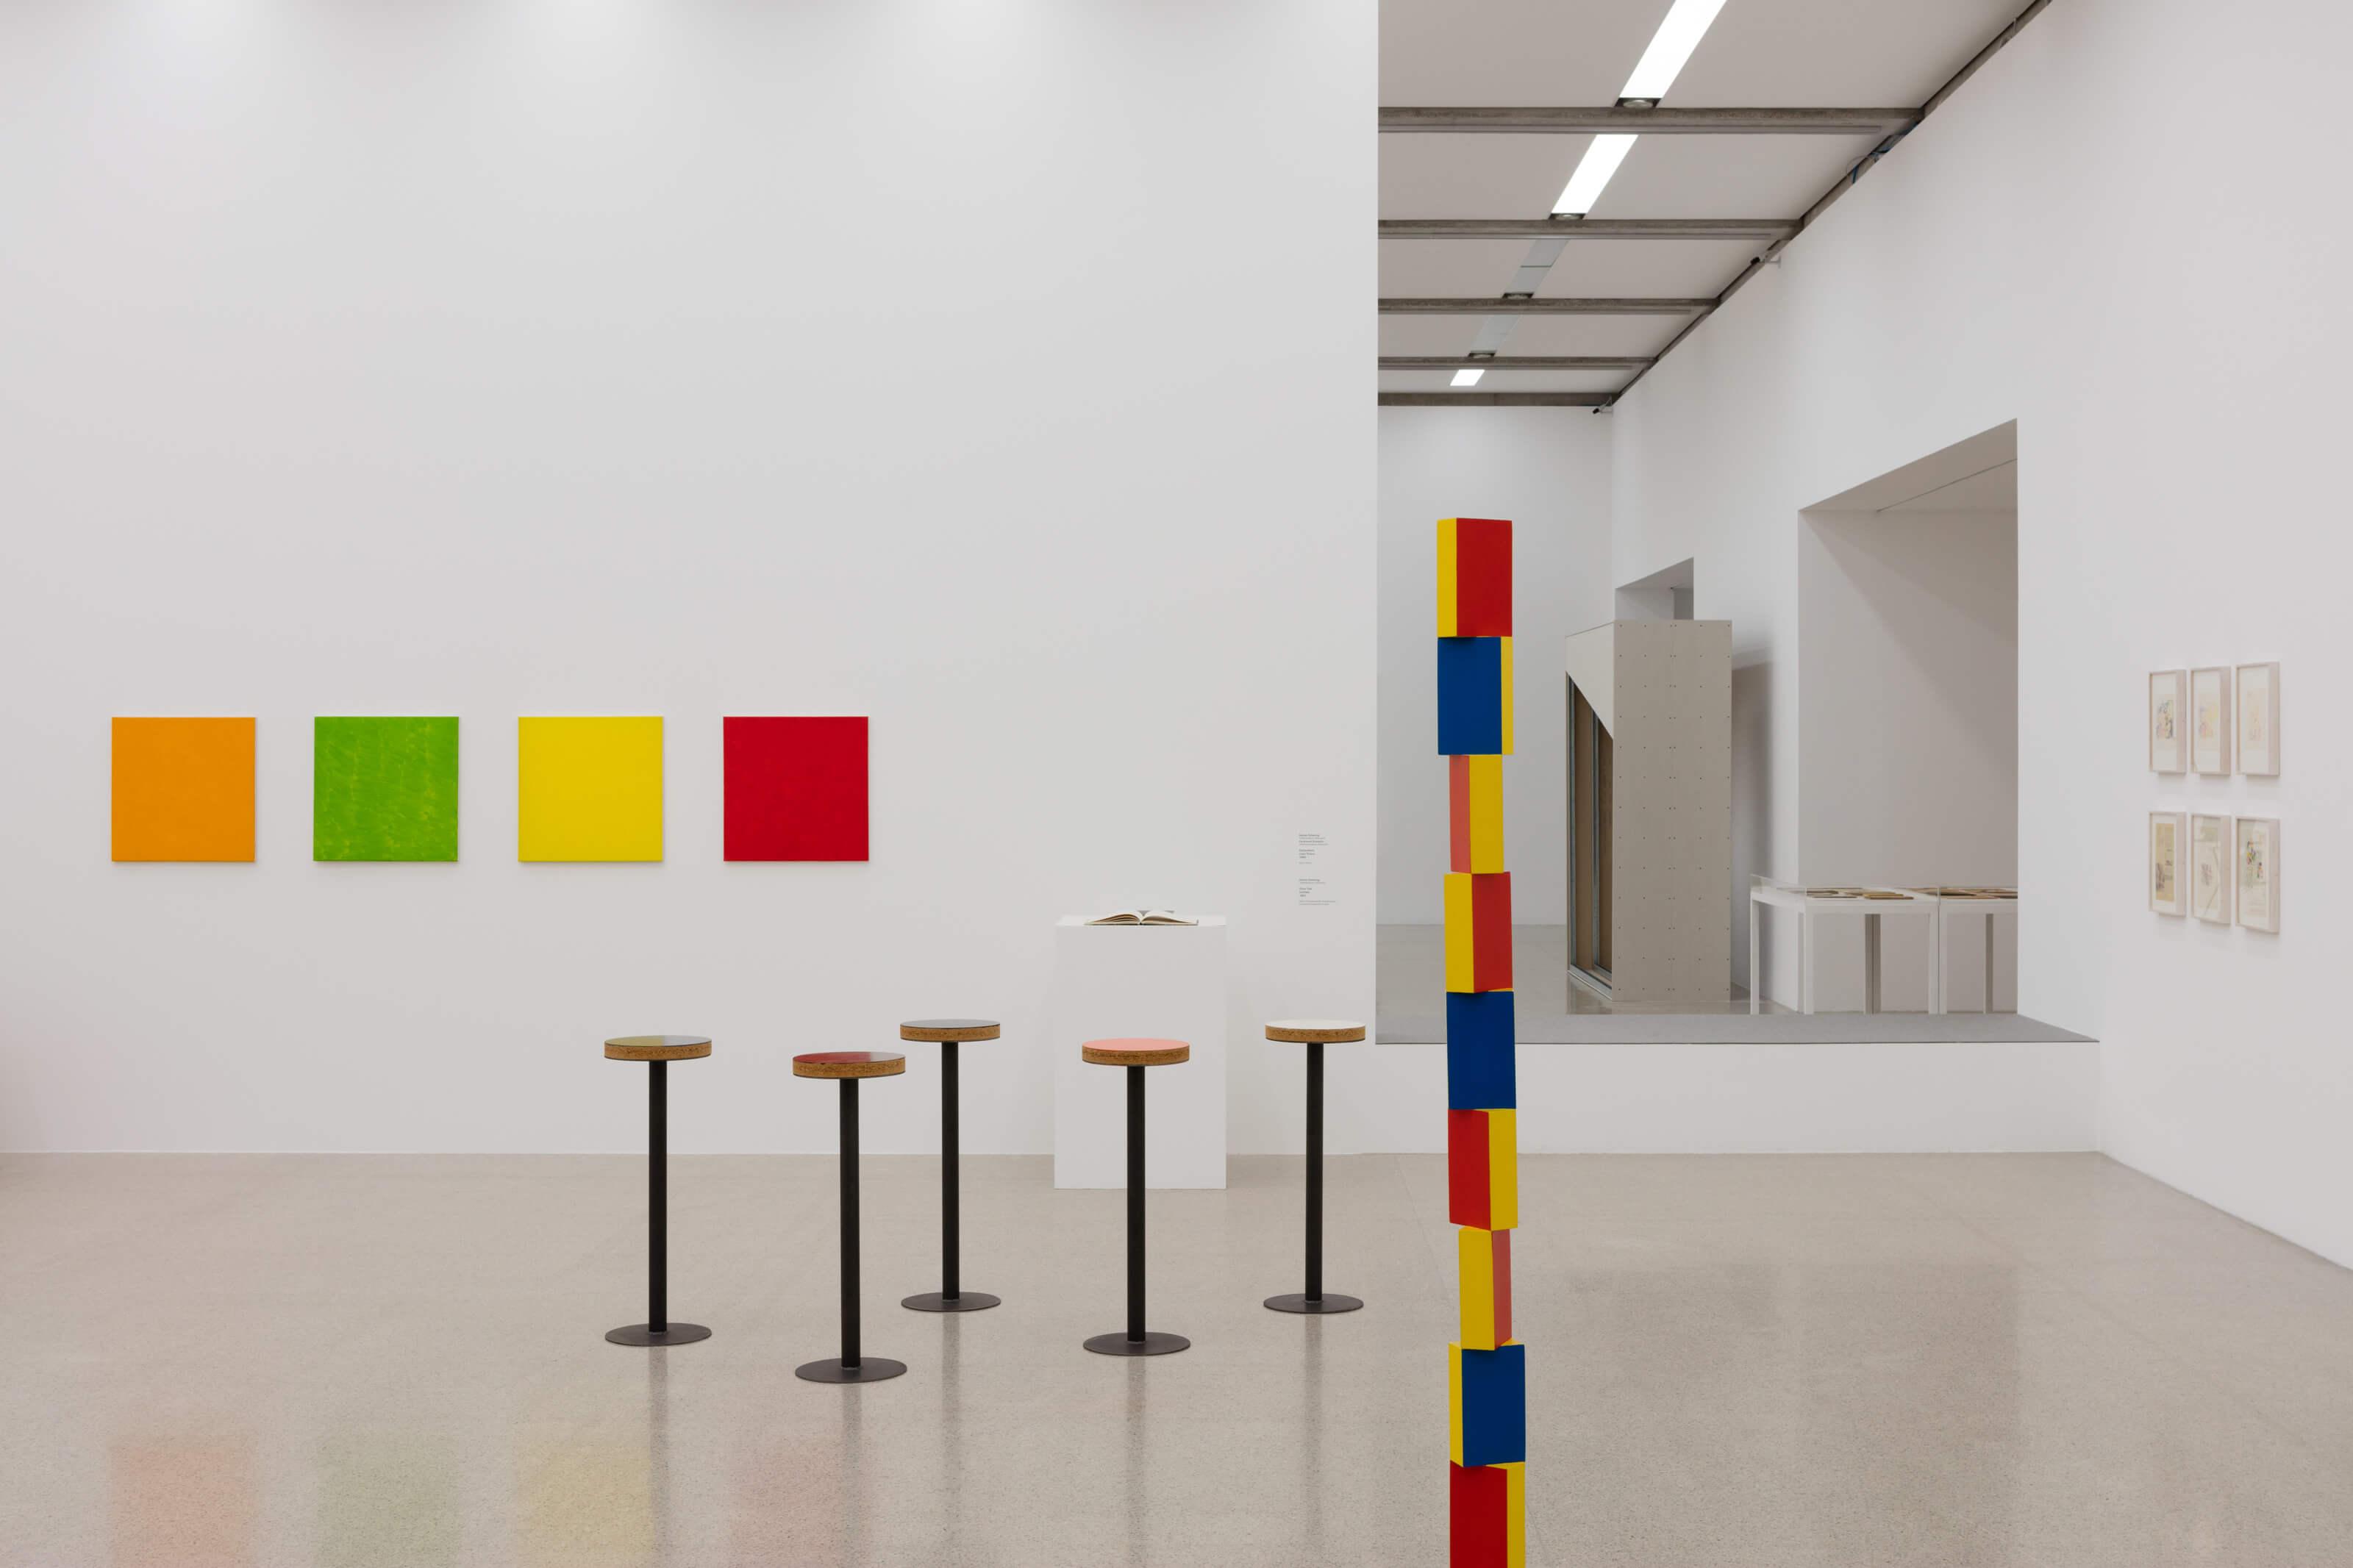 Ausstellungsansicht / exhibition view Konstruktion_Reflexion. Werke aus der Sammlung Gertraud und Dieter Bogner, mumok Wien, 25.11.2016 –17.4.2017 Photo: mumok / Stephan Wyckoff.